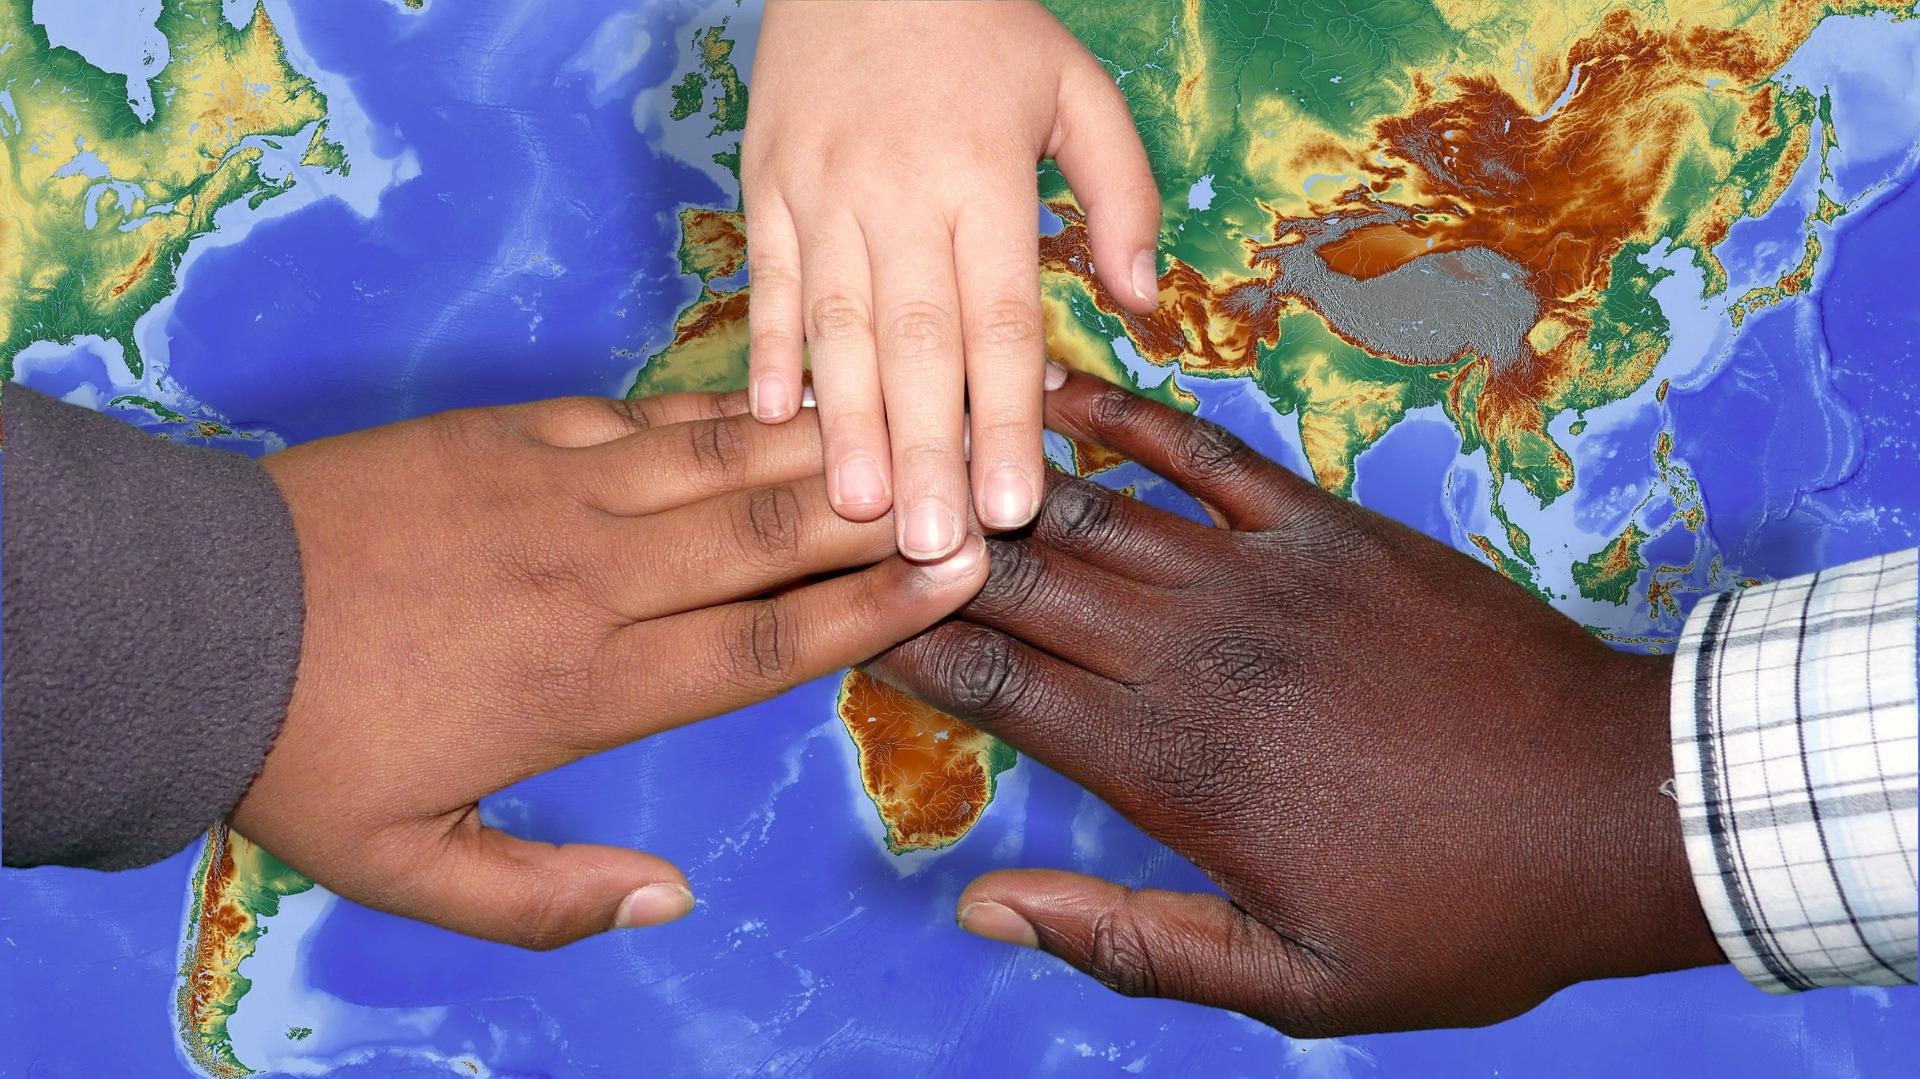 Serveis interculturals per abordar i prevenir conflictes